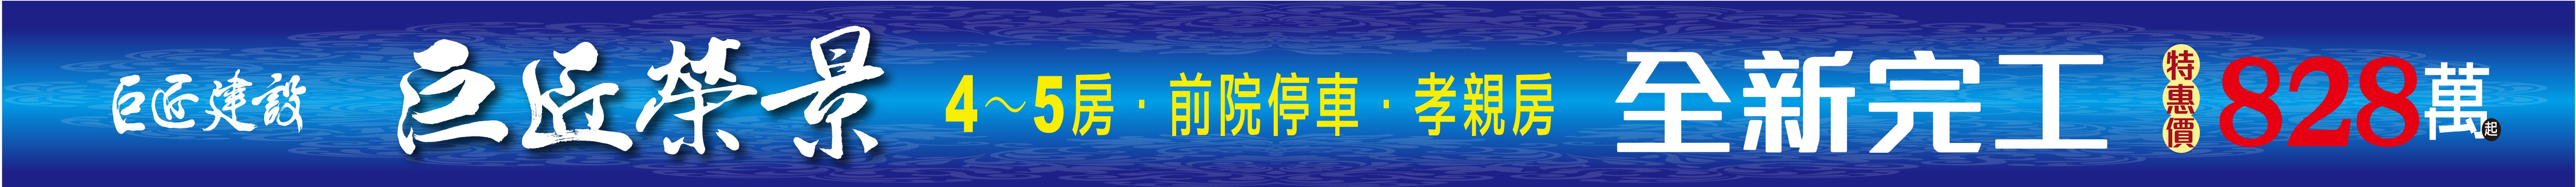 橫幅大看板--巨匠榮景(台北)